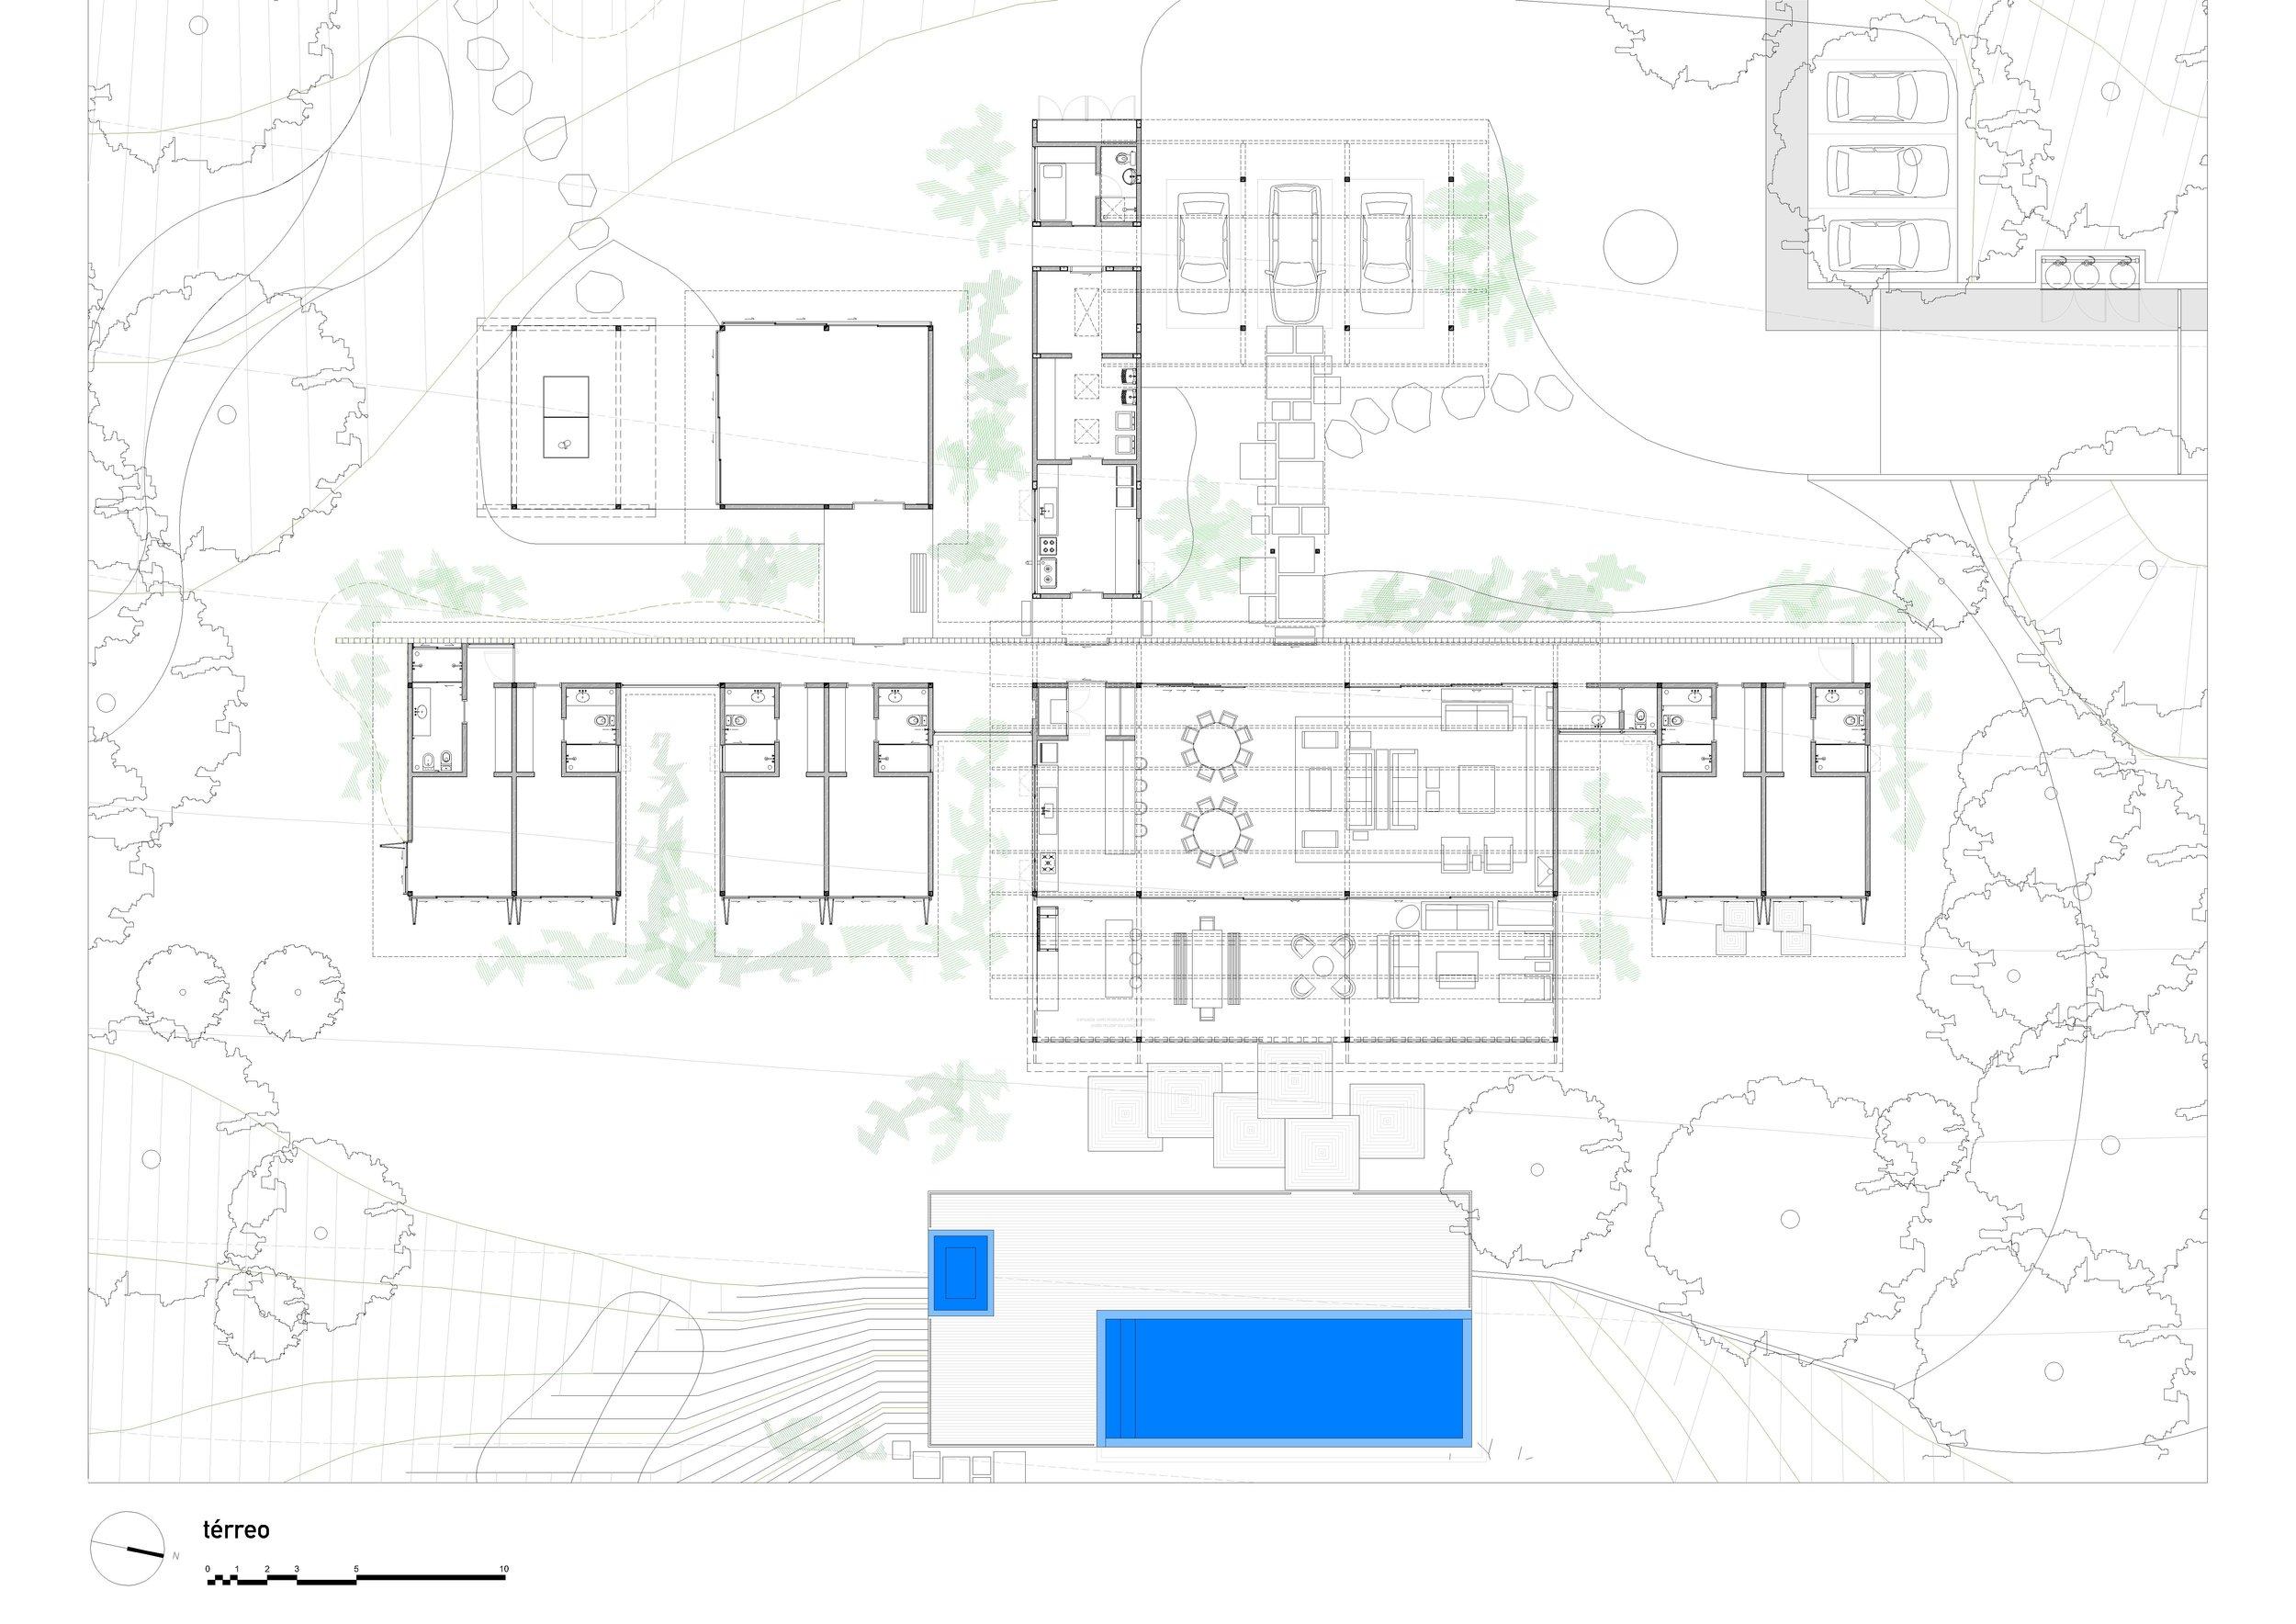 JUR-desenho site-planta-sem eixos.jpg